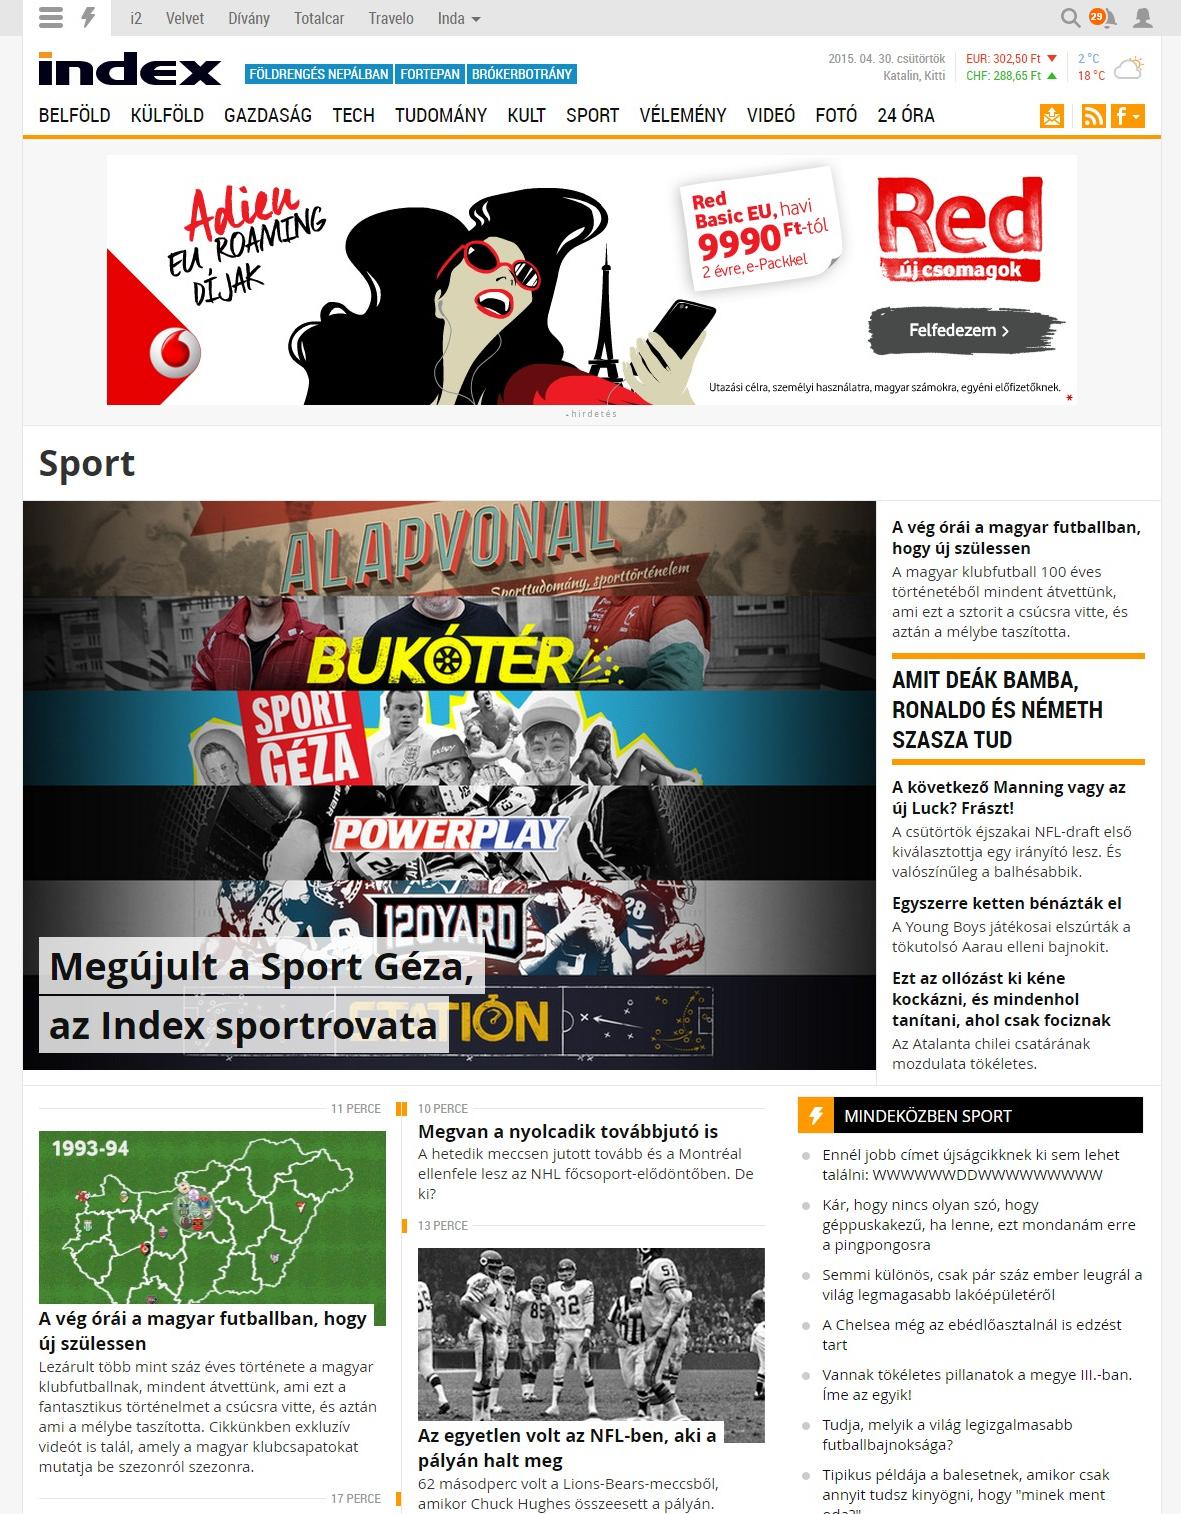 indes_sport_megujult_cikkoldal.png